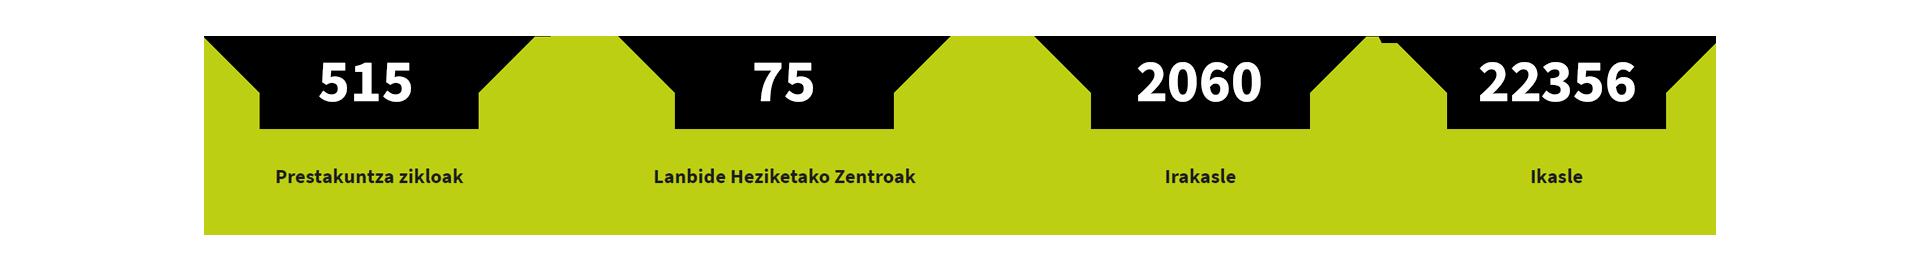 datuak_web-eu